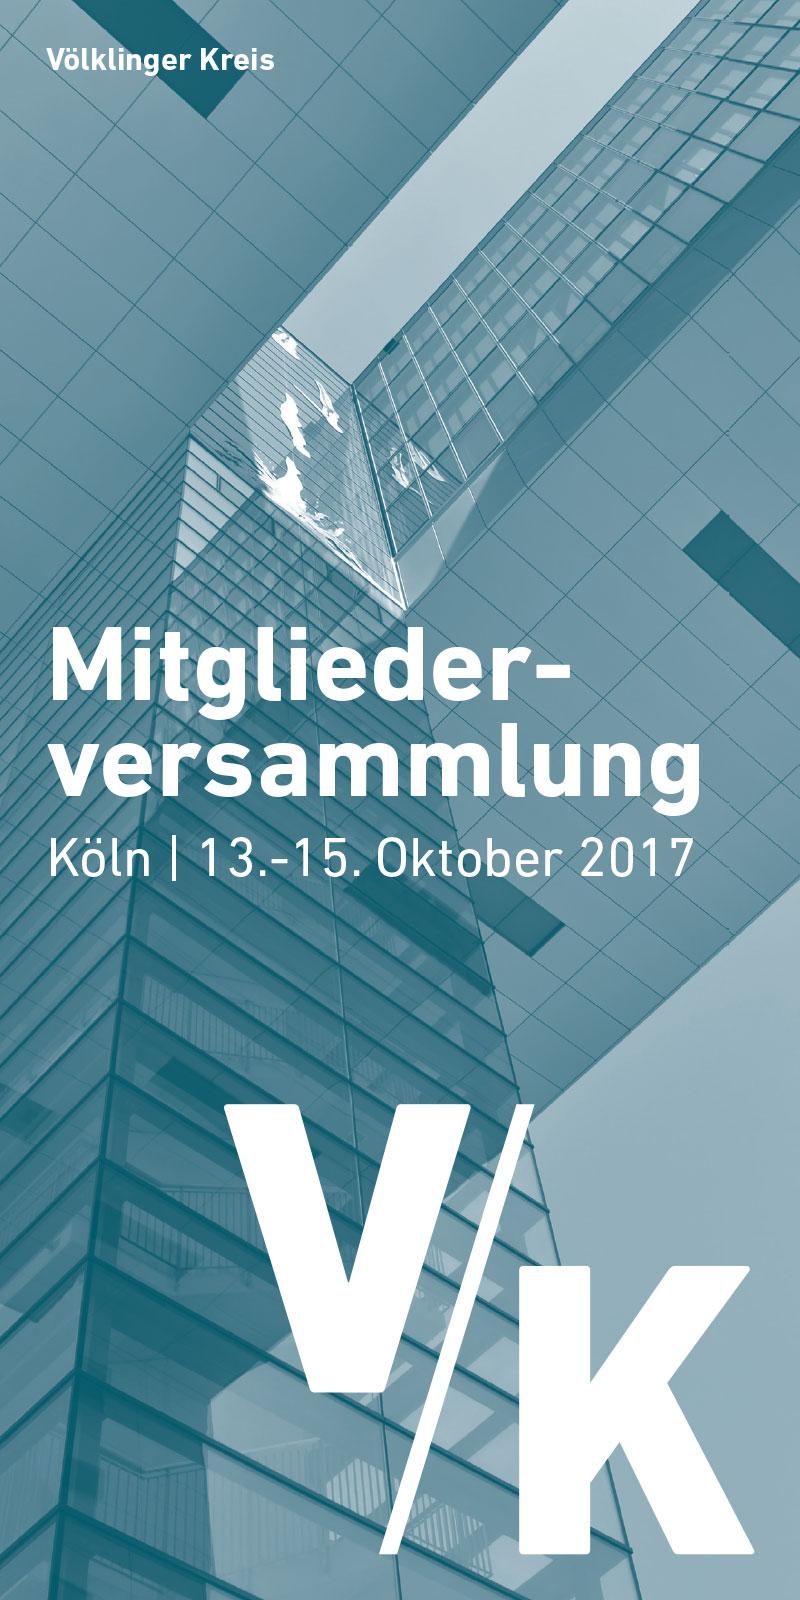 Editorial Design: Programmheft der Mitgliederversammlung des Völklinger Kreis